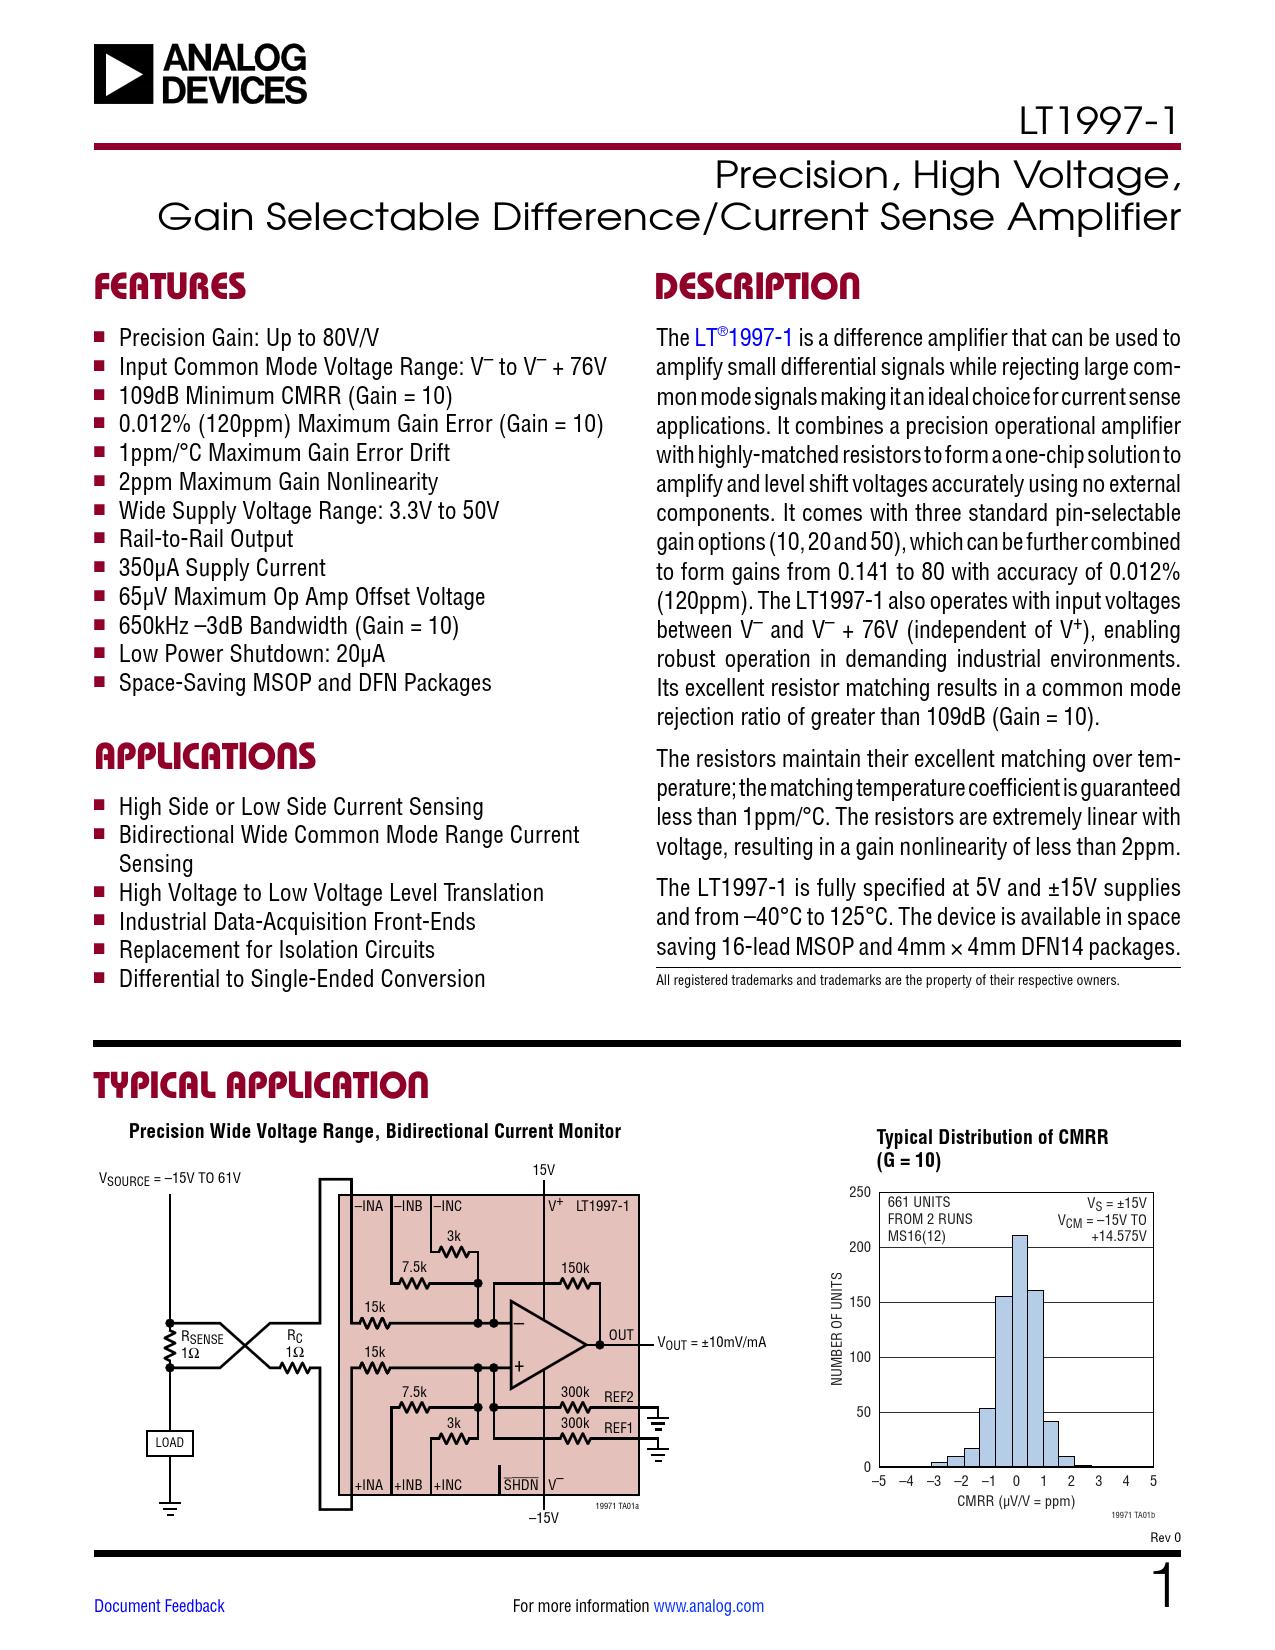 Datasheet LT1997-1 Analog Devices